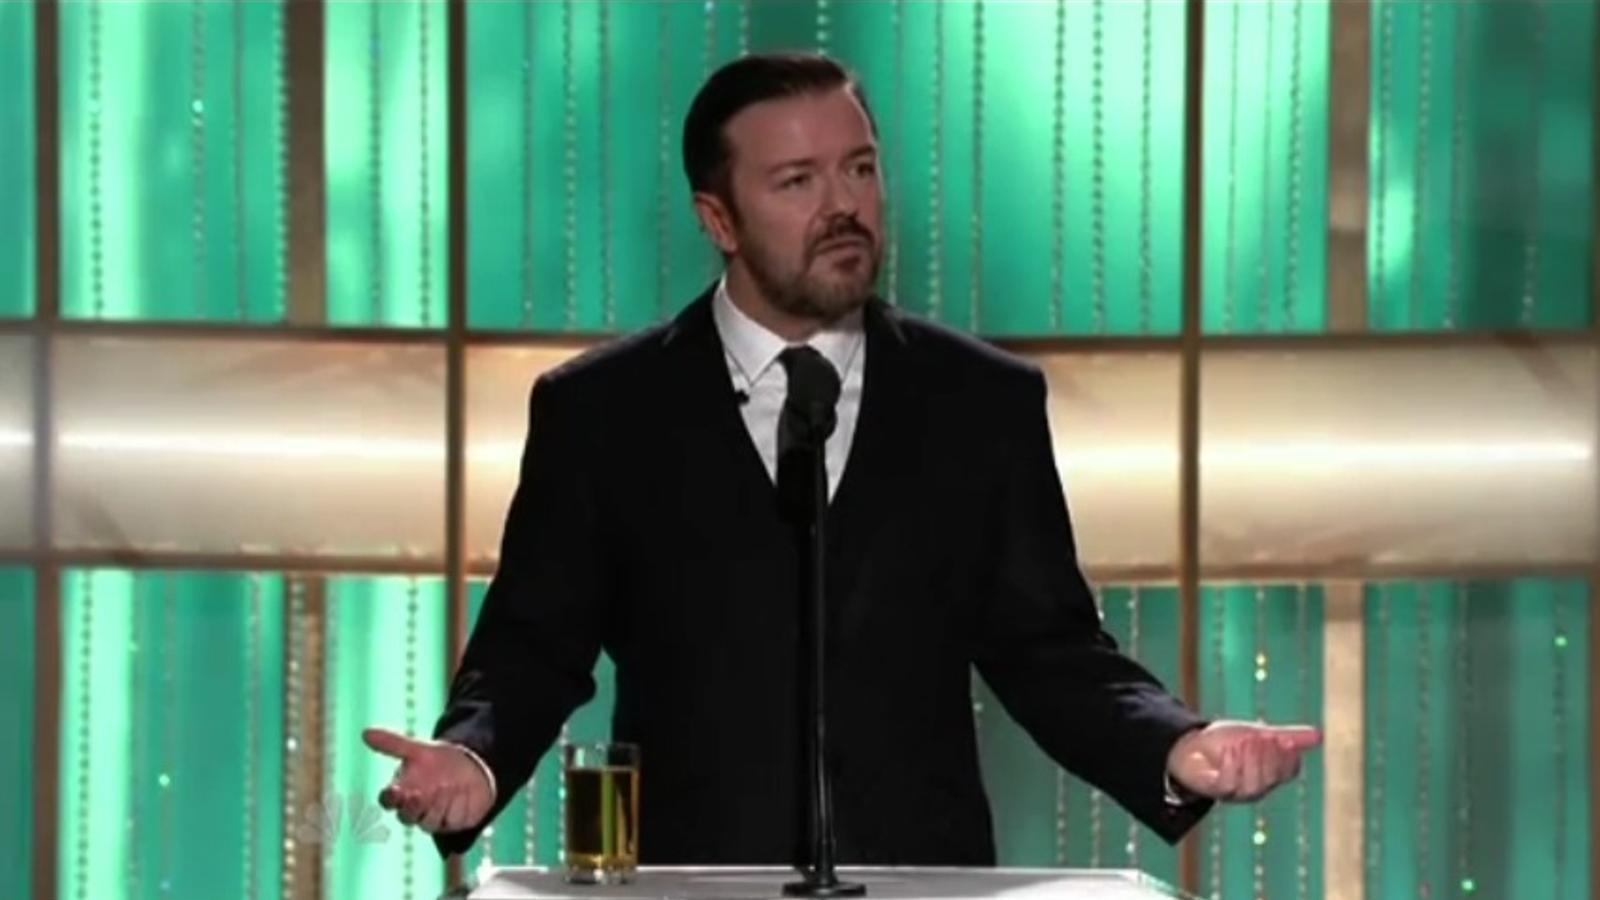 Monòleg de Ricky Gervais als Globus d'Or